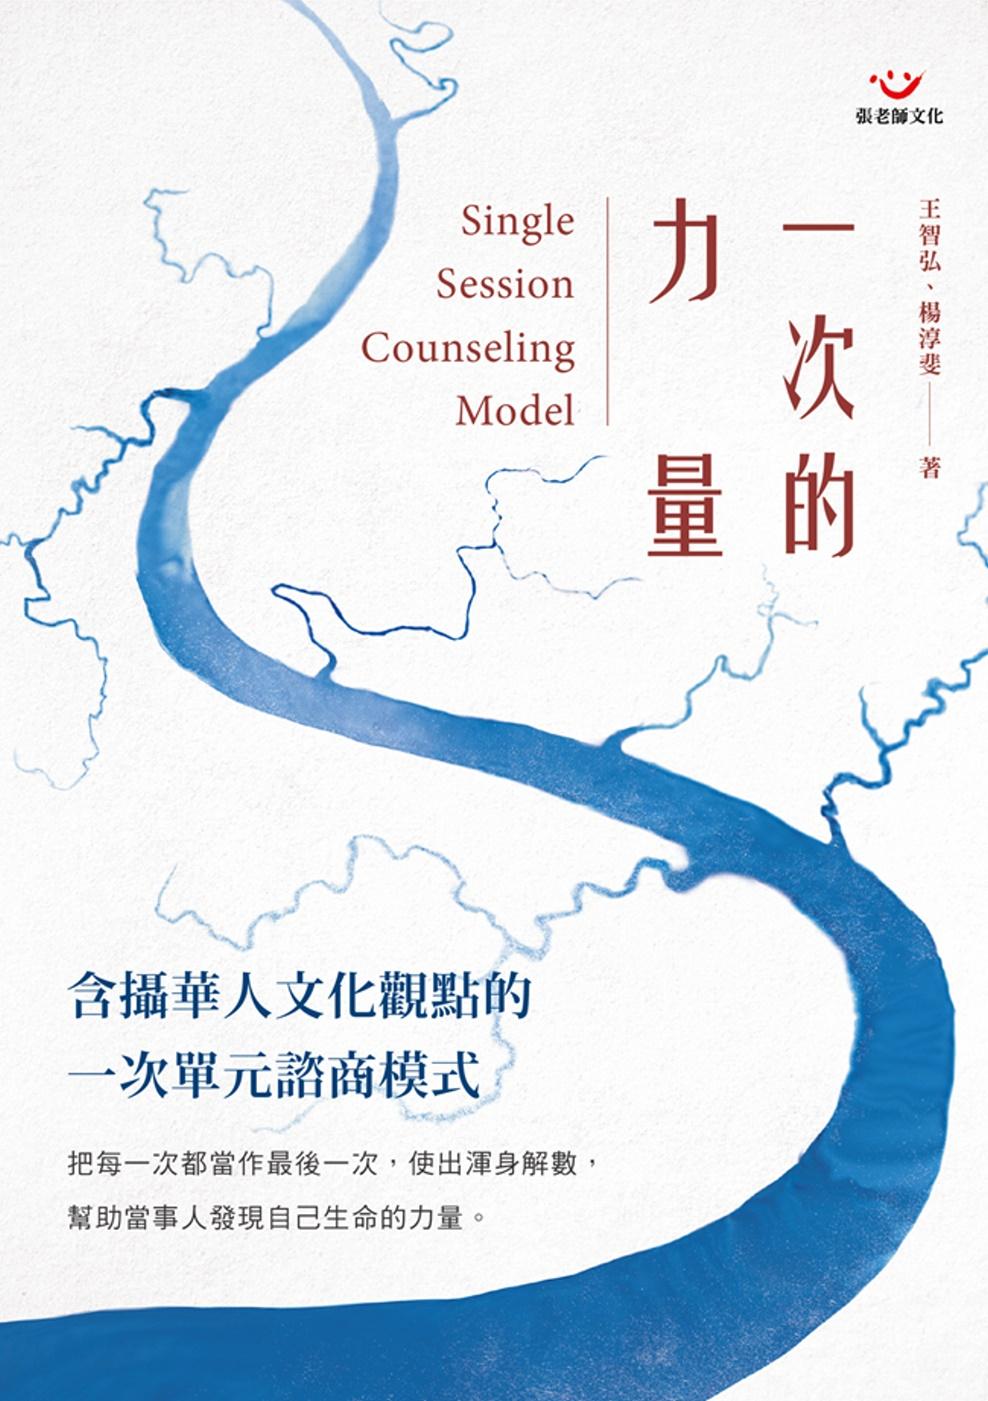 一次的力量:含攝華人文化觀點的一次單元諮商模式